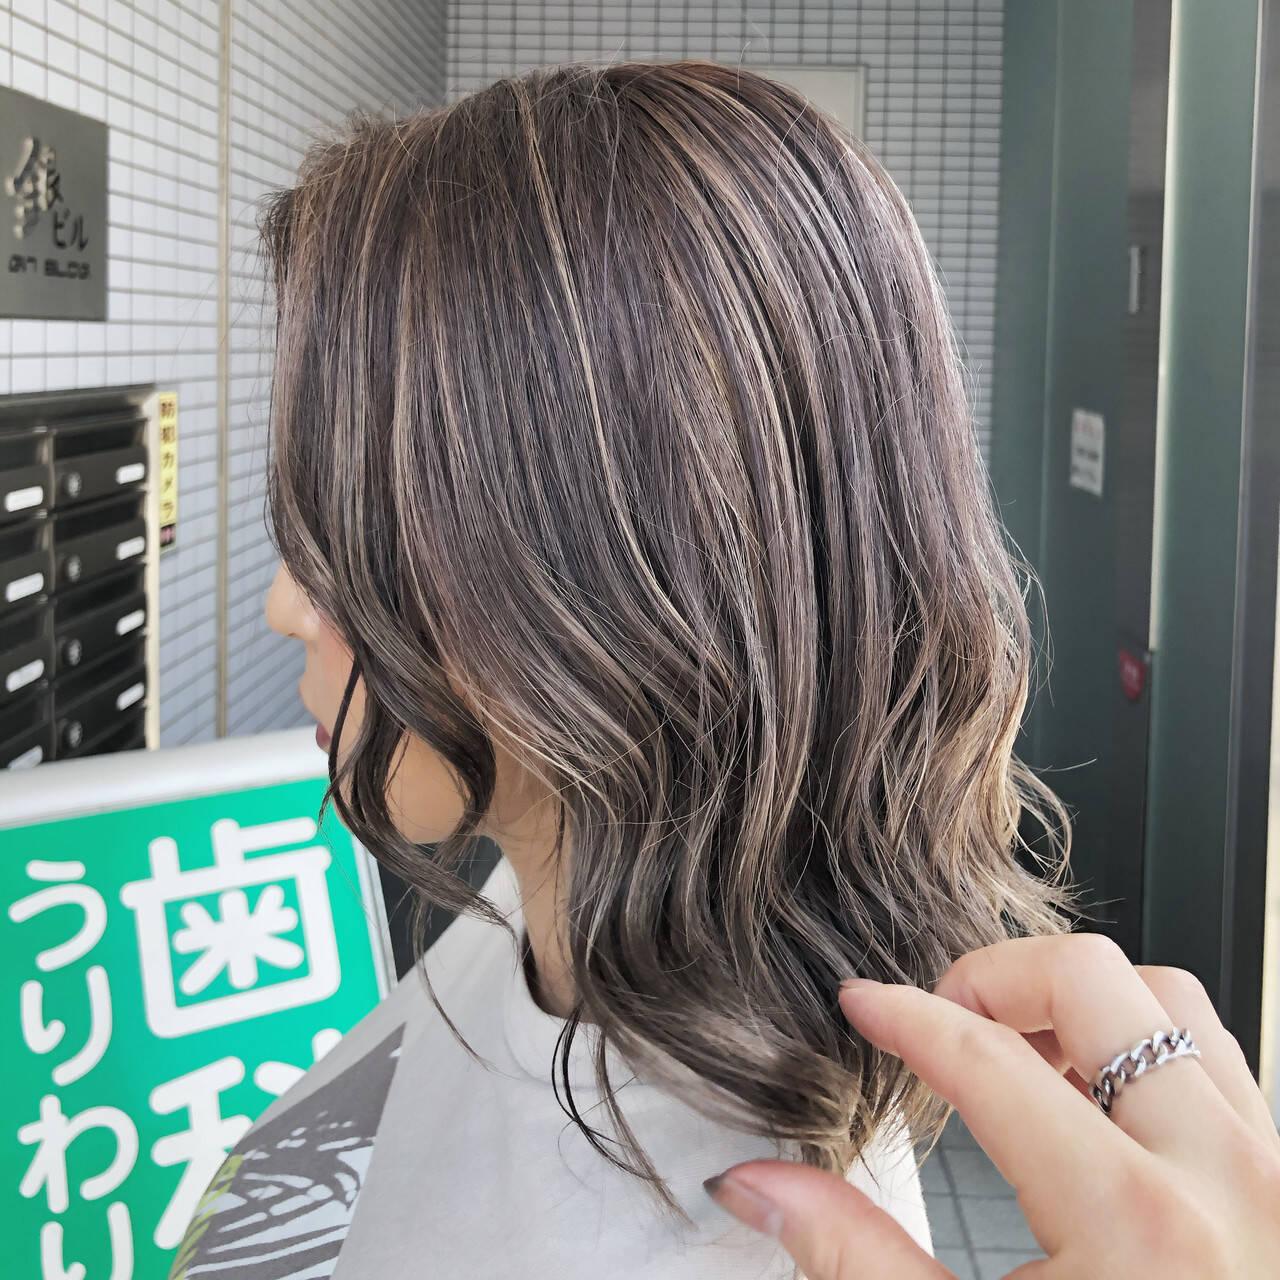 3Dハイライト ミルクティーグレージュ 大人ハイライト ミルクティーベージュヘアスタイルや髪型の写真・画像